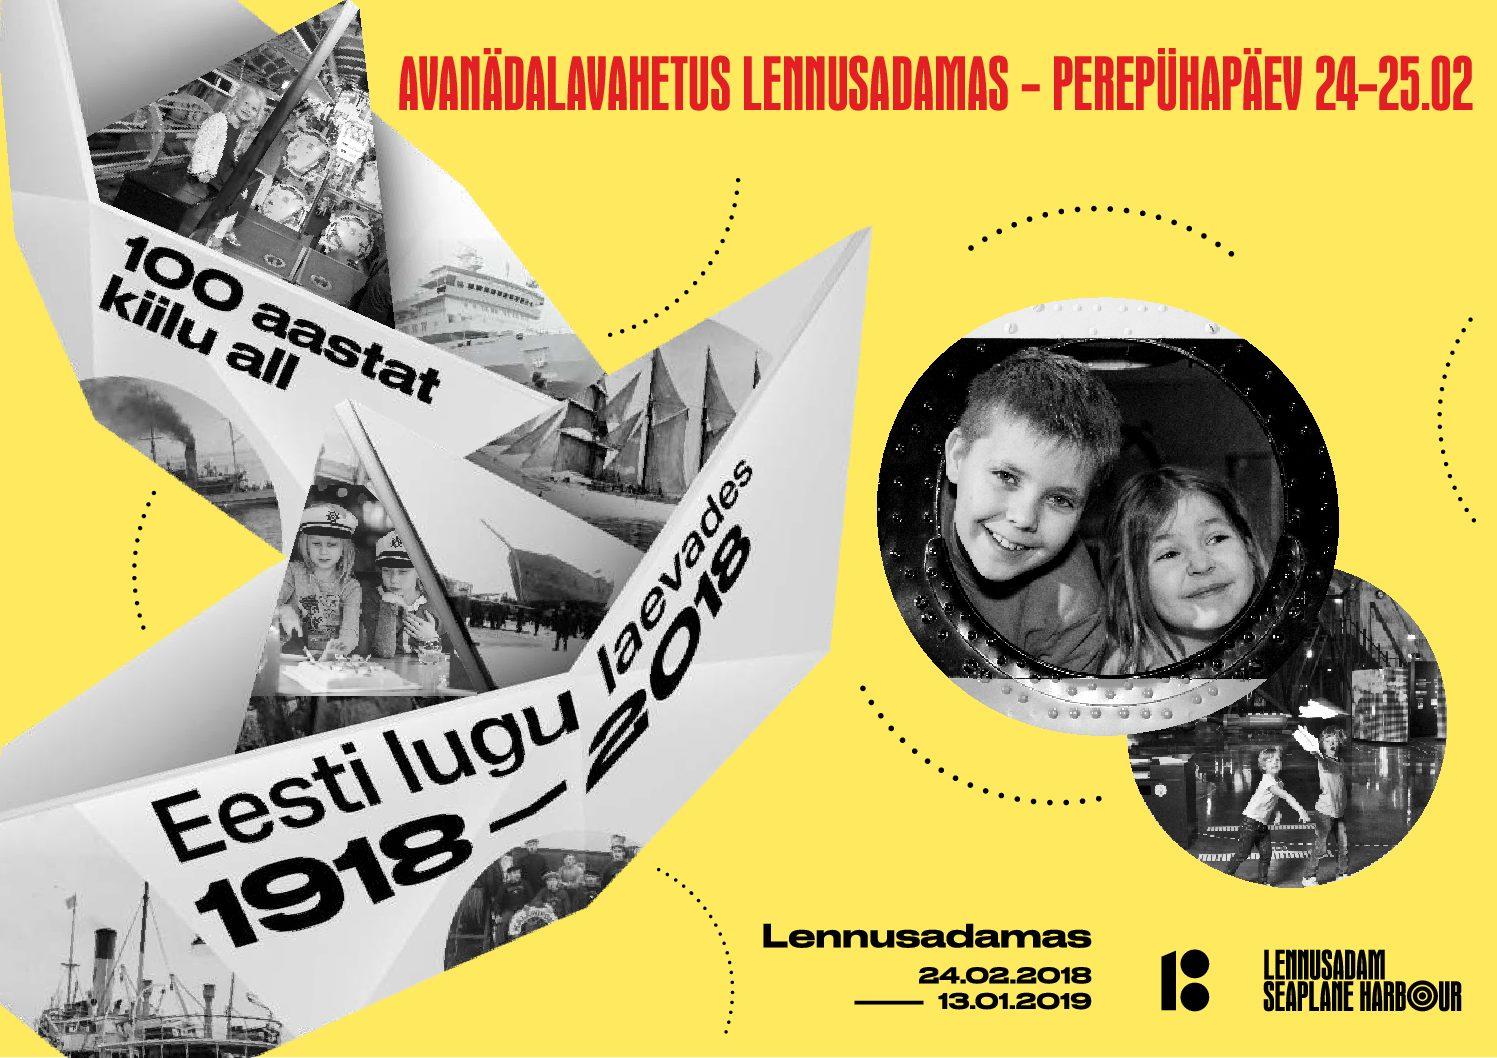 PERENÄDALAVAHETUS LENNUSADAMAS 24-25.02 – PALJU ÕNNE EESTI VABARIIK!